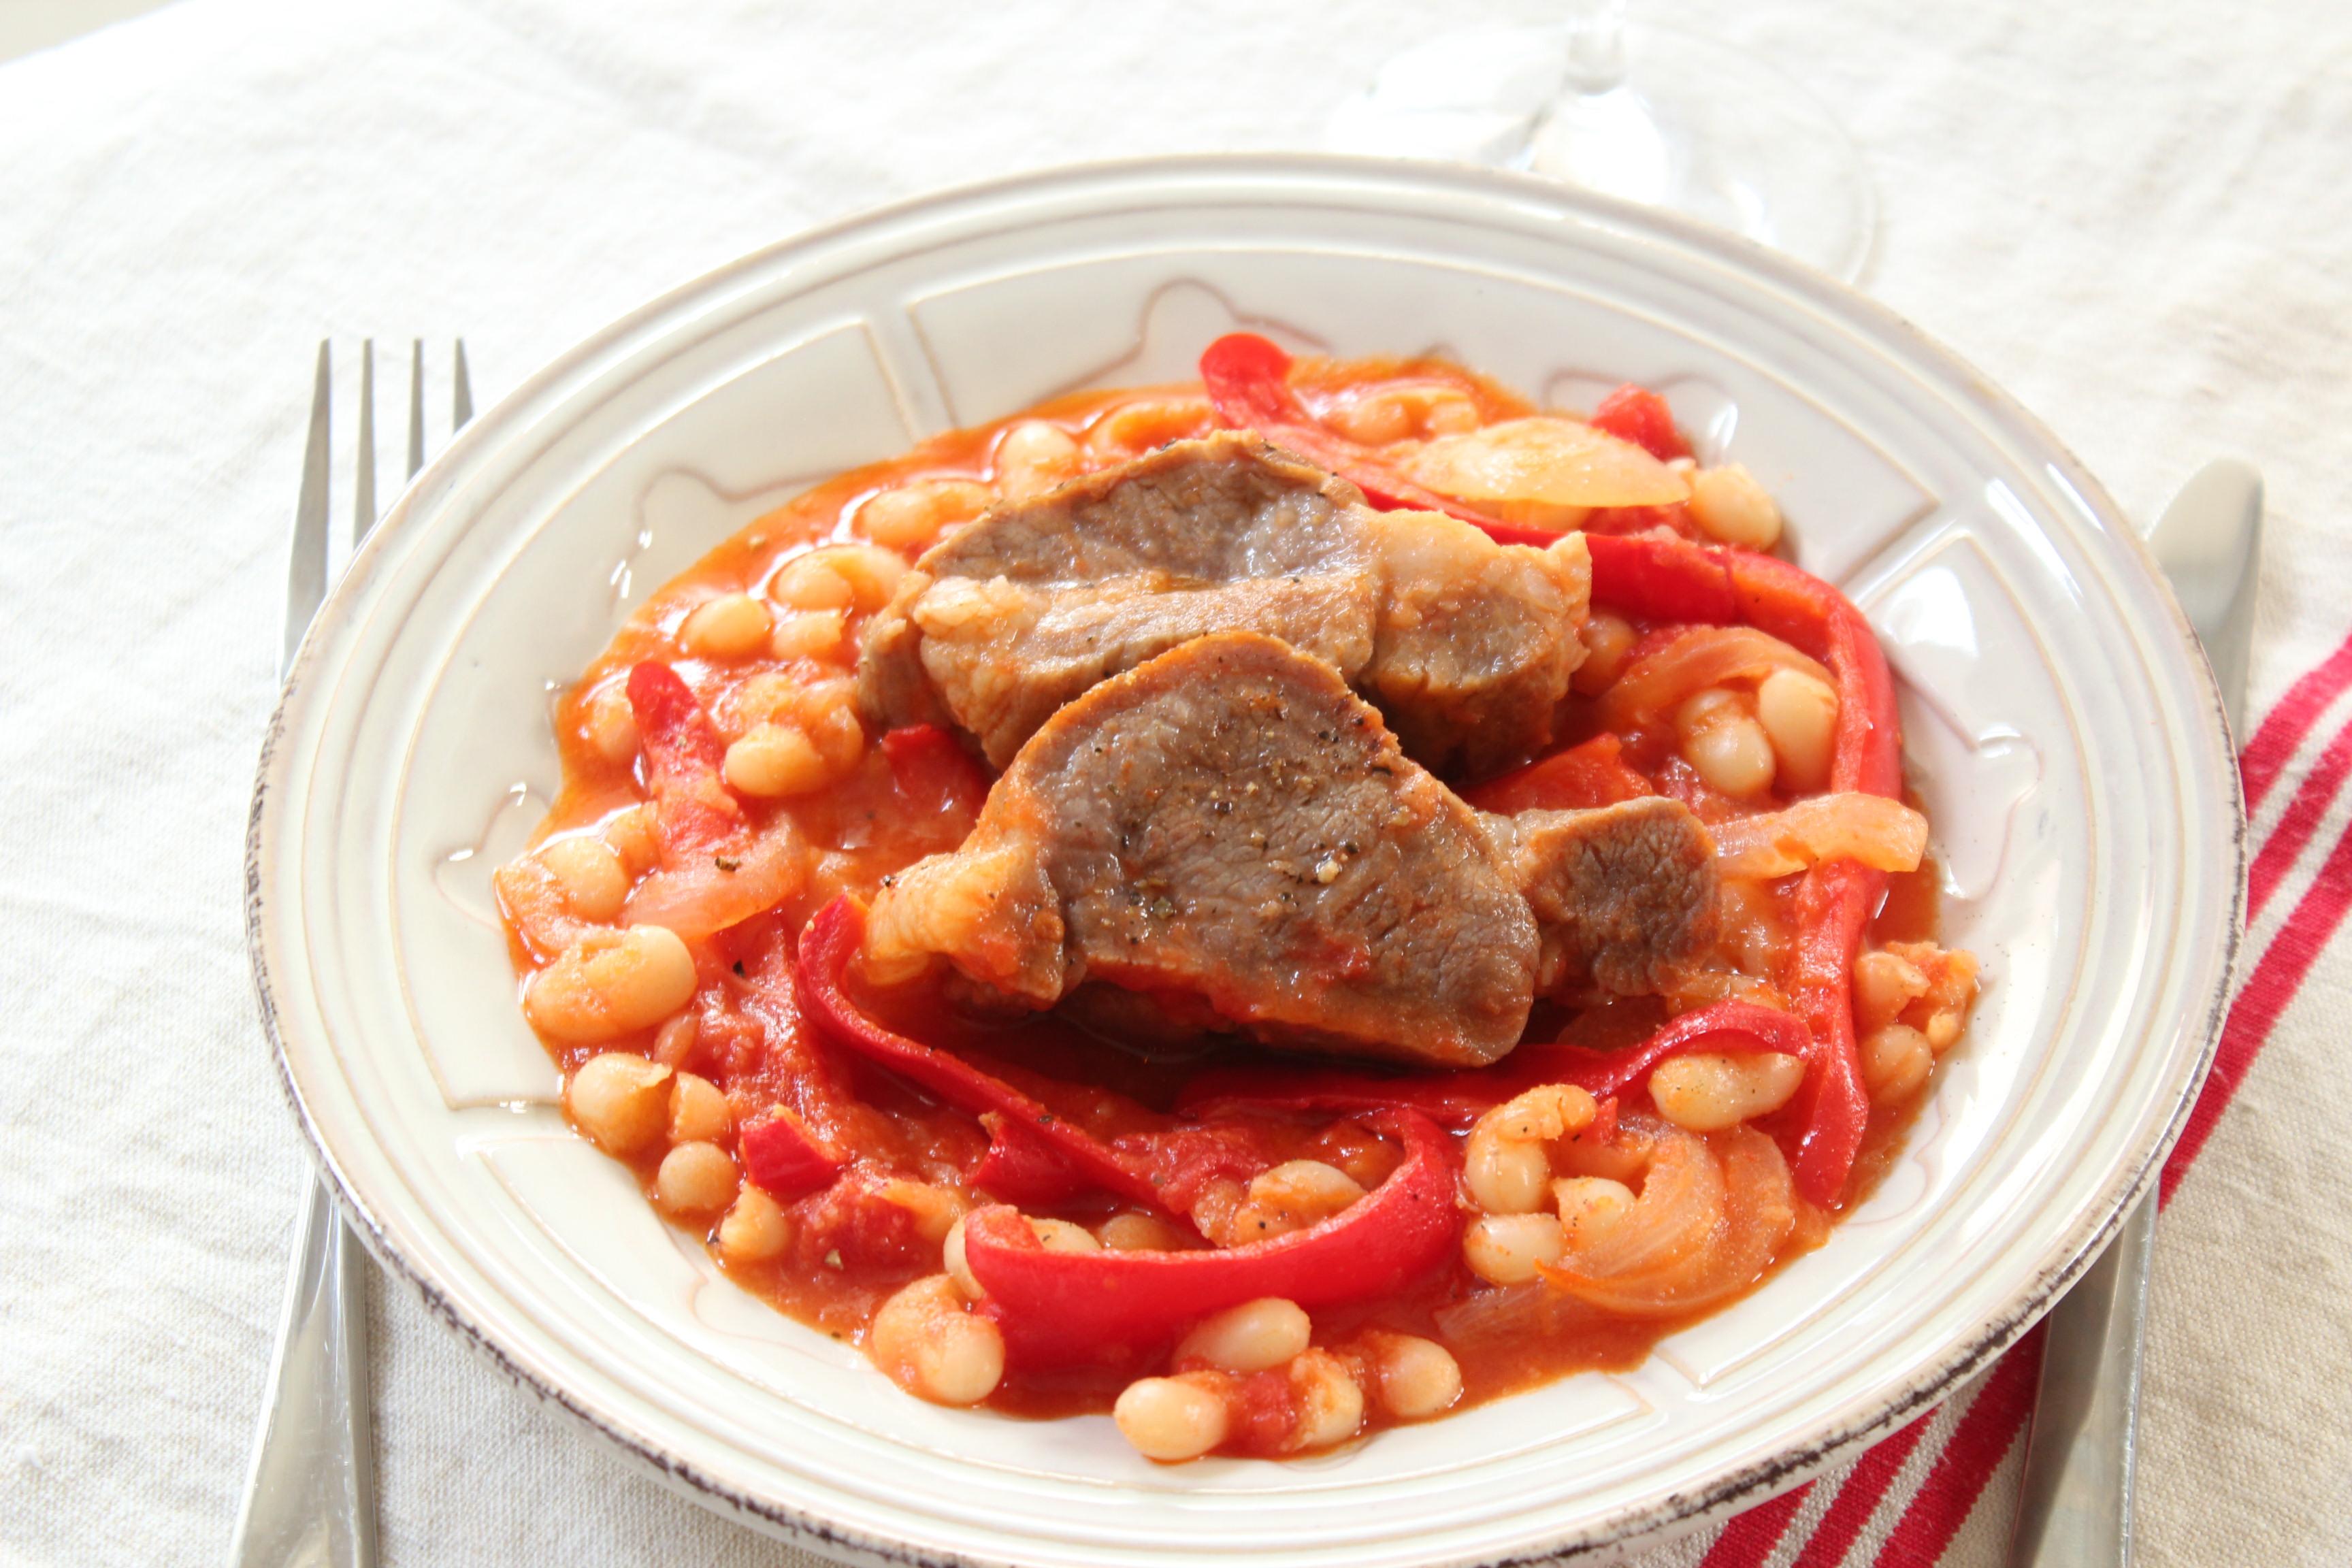 豚肉とパプリカ、インゲン豆のブレゼ